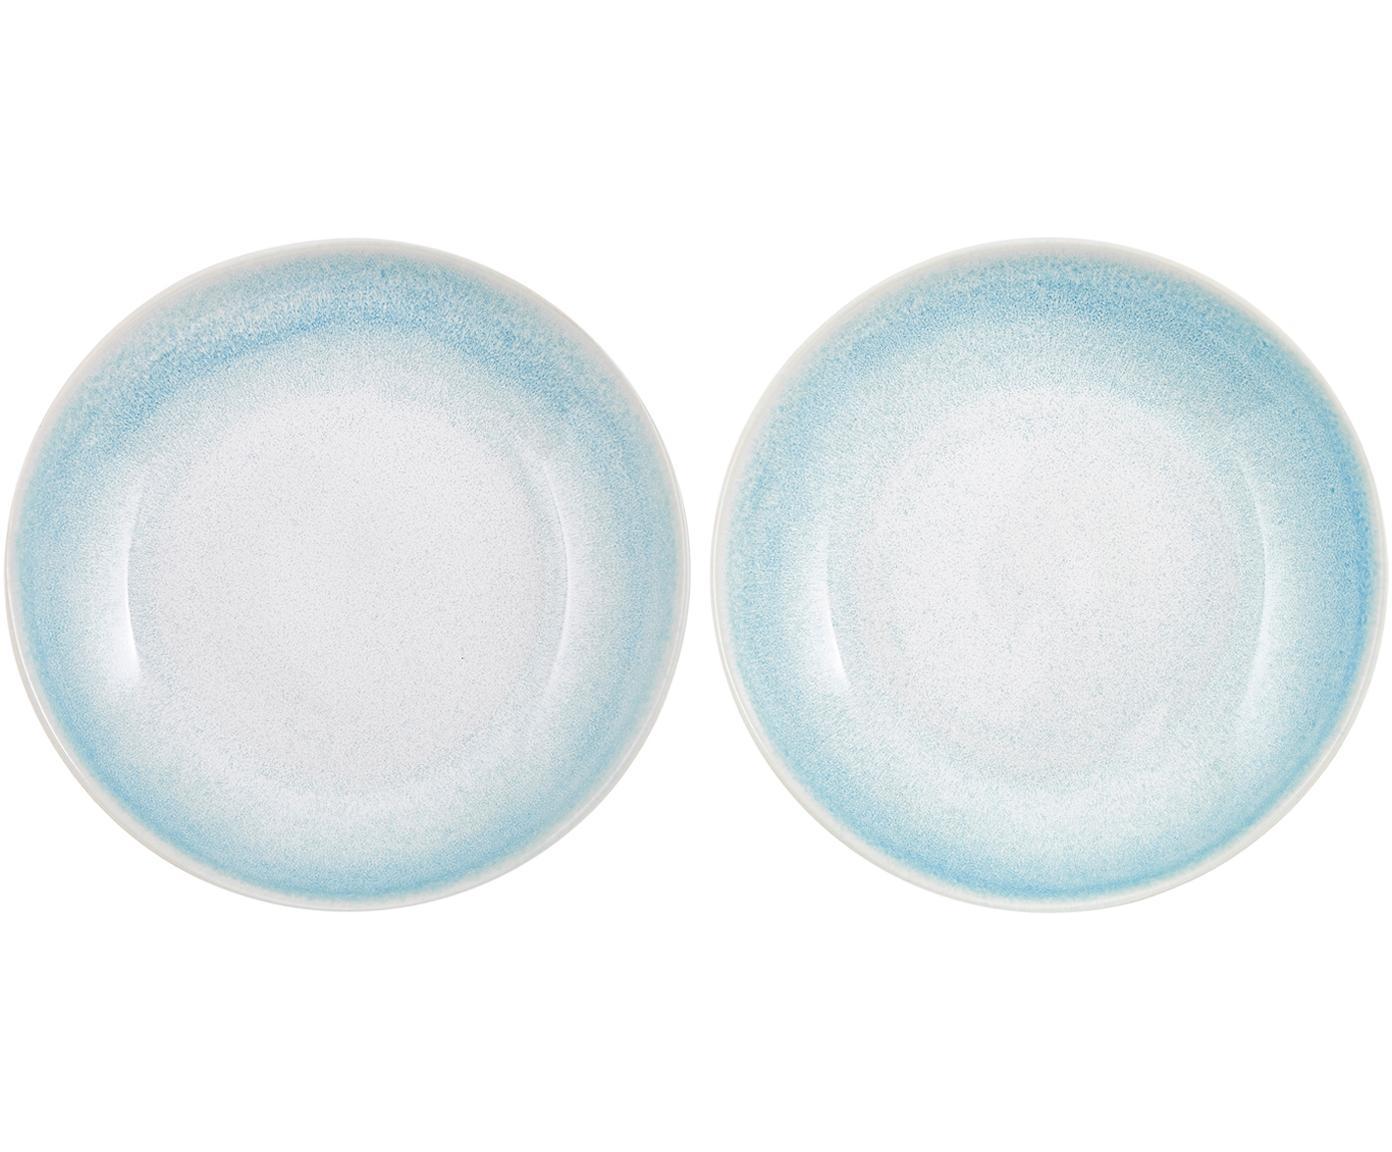 Ręcznie wykonany talerz głęboki Amalia, 2 szt., Ceramika, Jasny niebieski, kremowy, Ø 20 cm